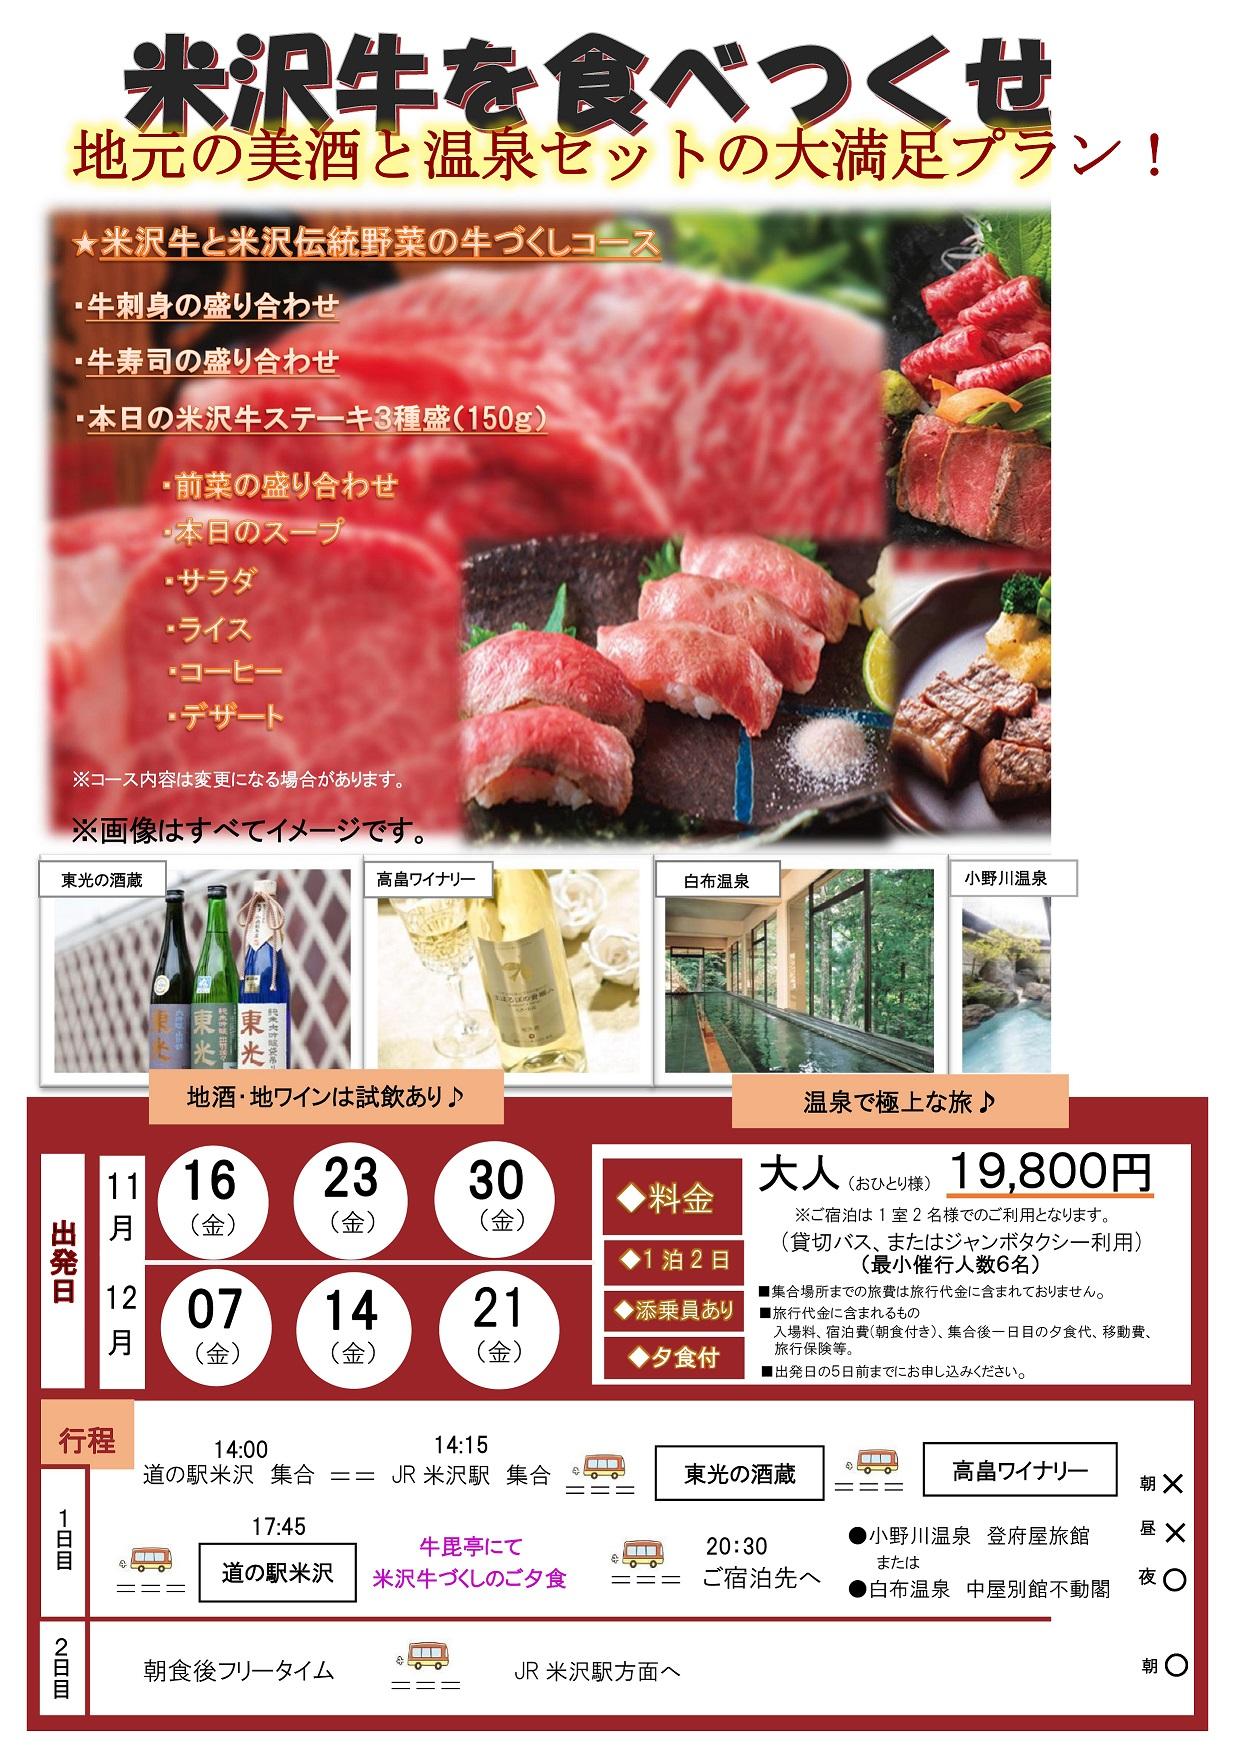 米沢牛を食べ尽くせ!地元の美酒と温泉セットの大満足プラン!:画像